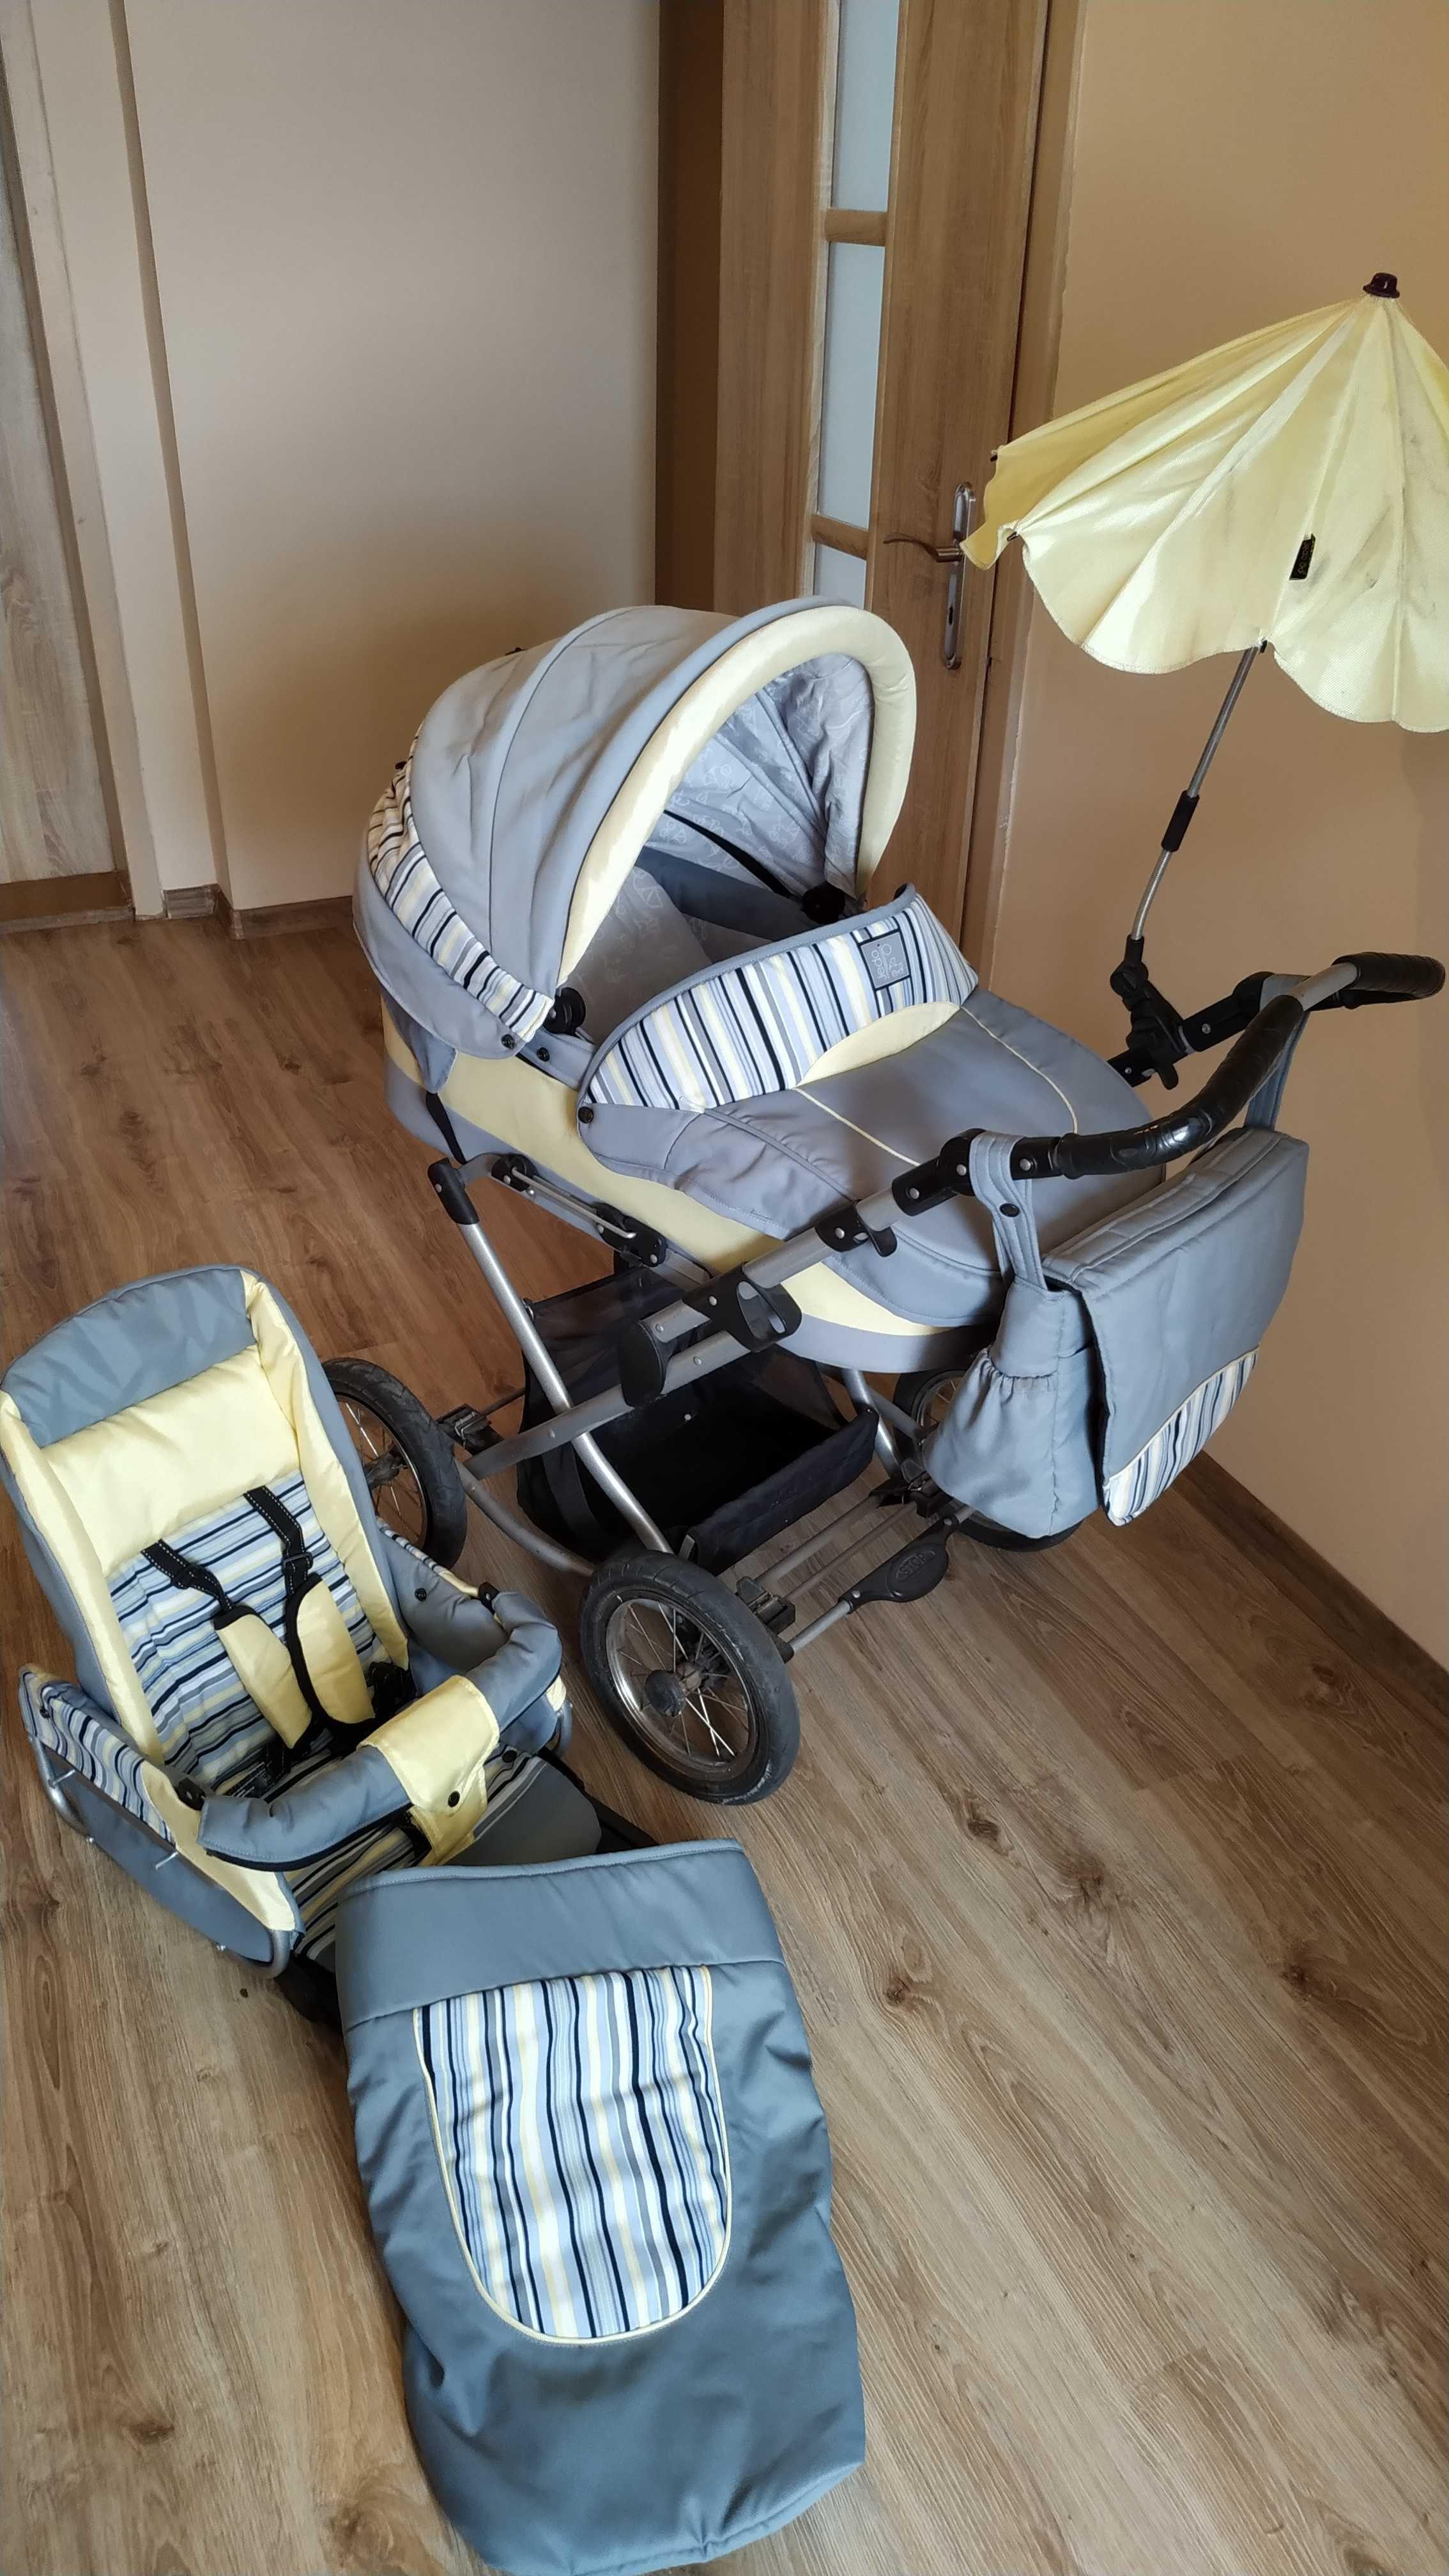 Wózek dziecięcy Jedo Bartatina - gondola ze spacerówką